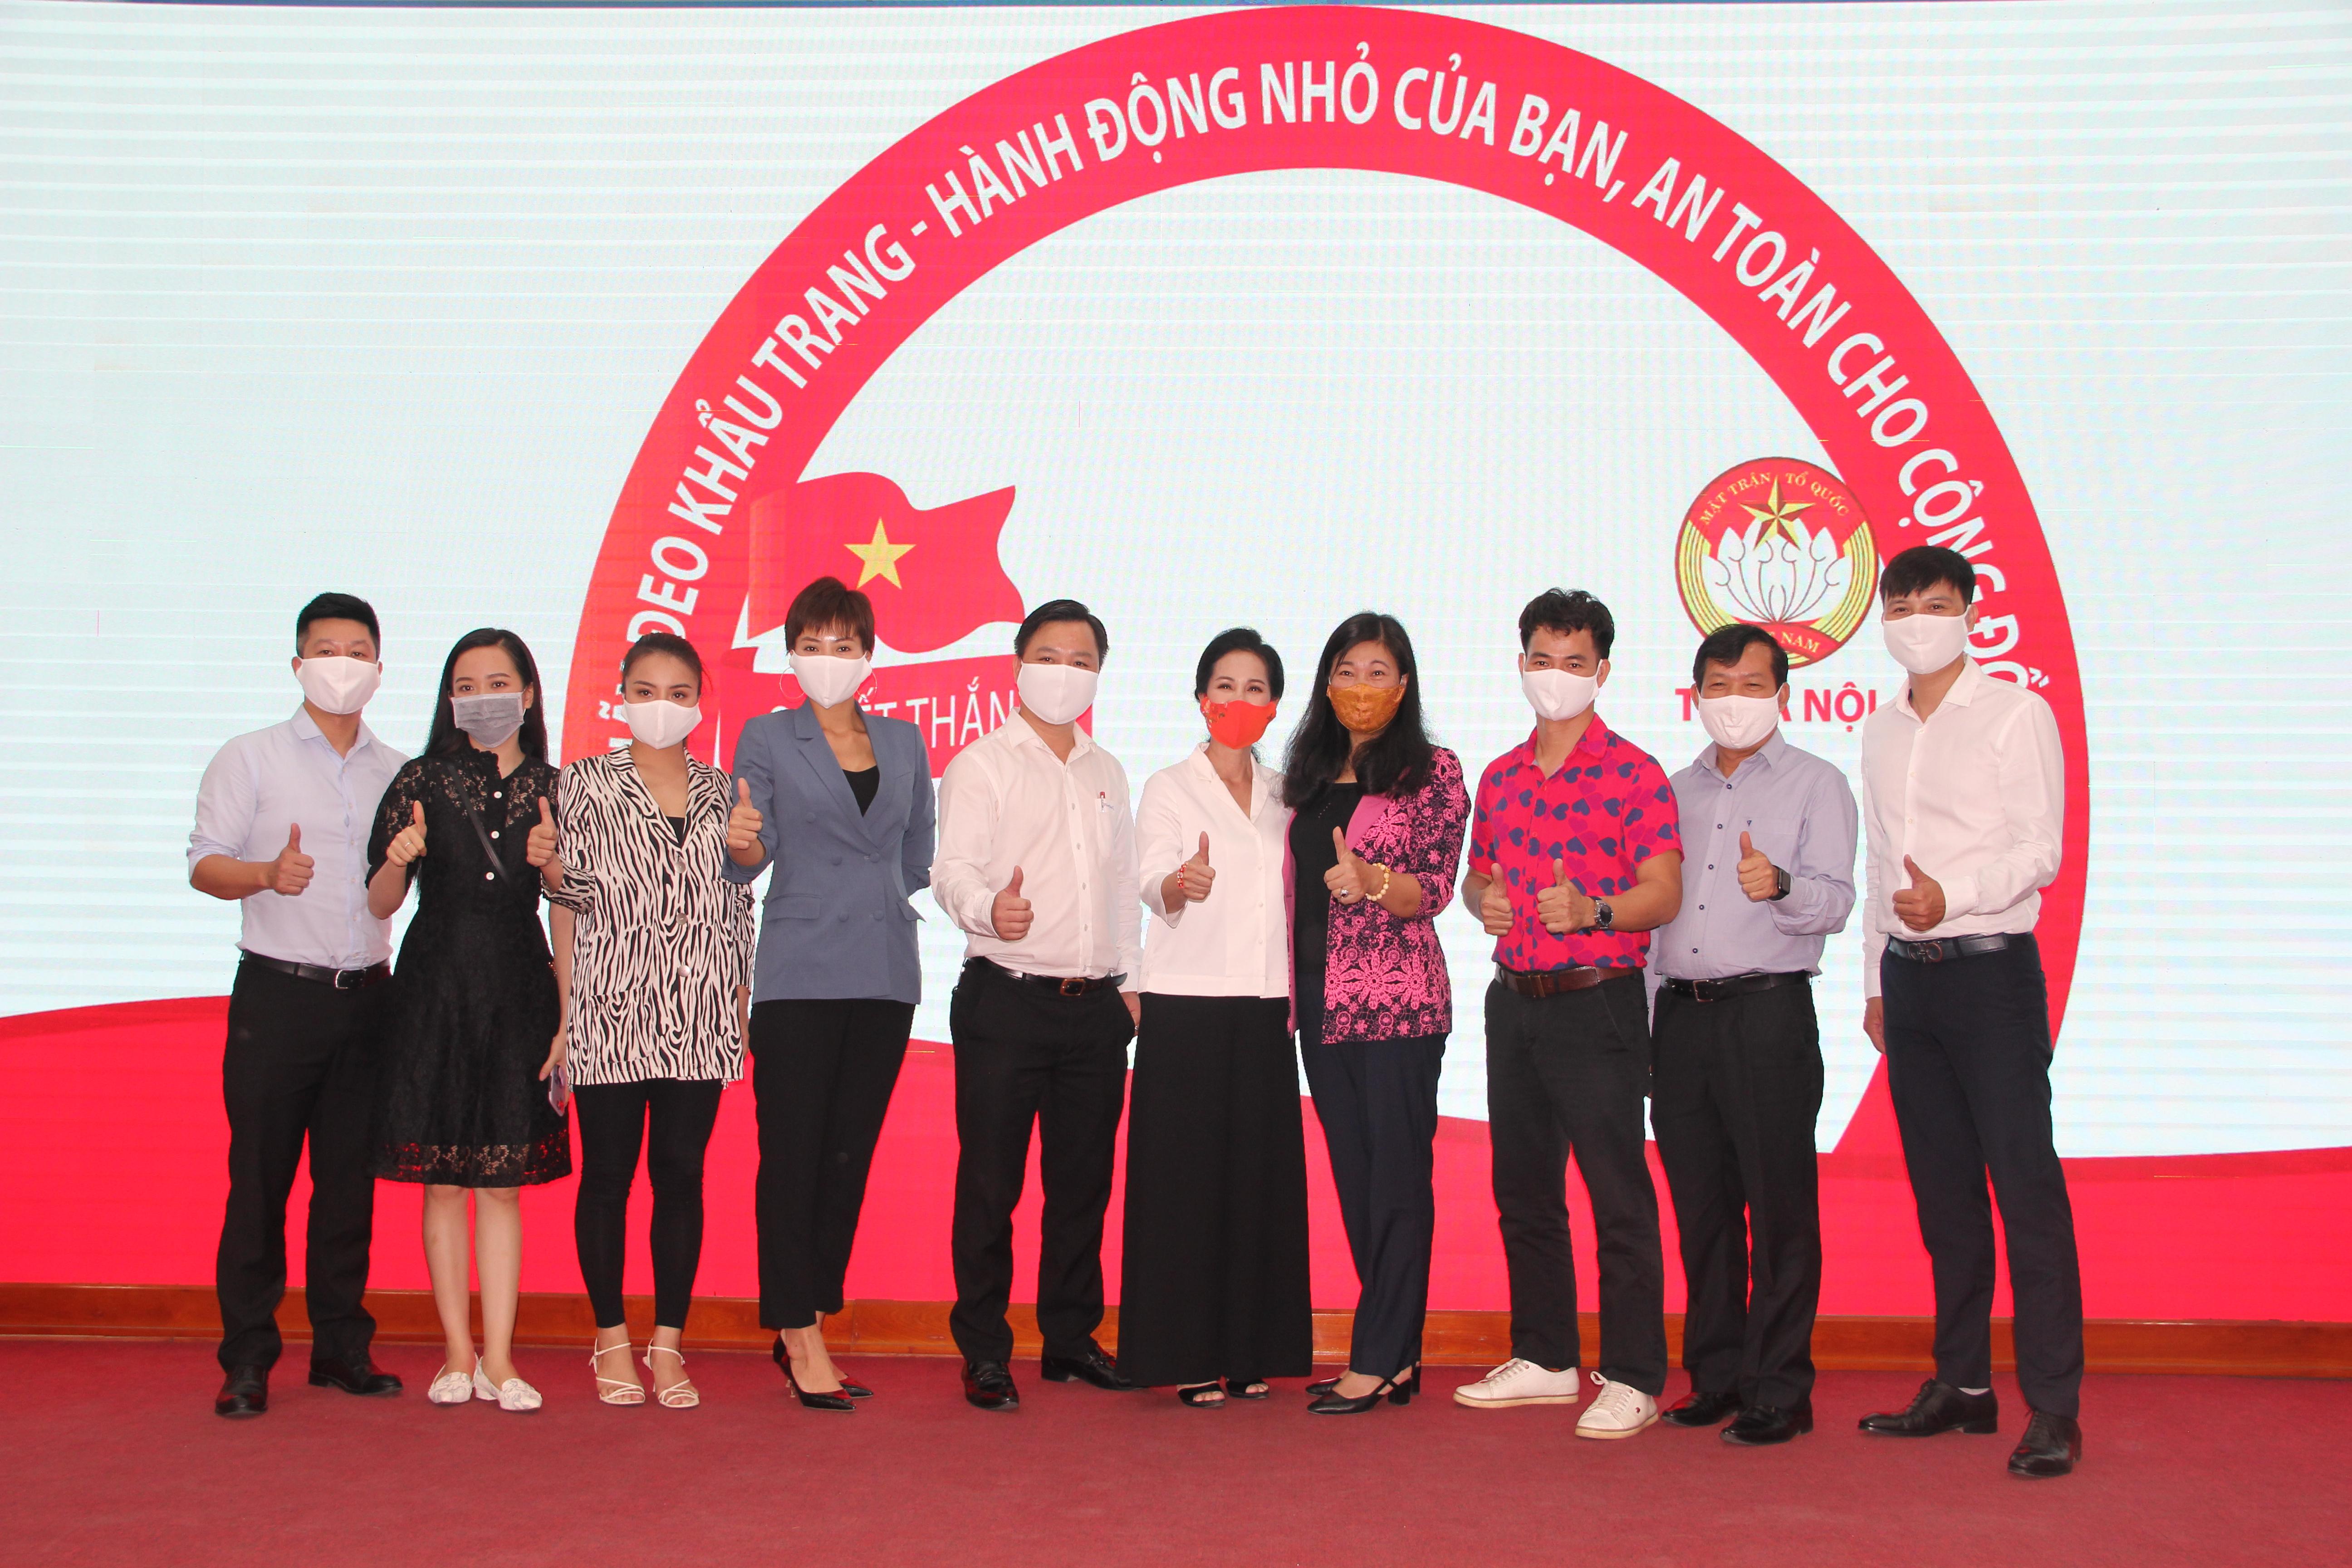 Chủ tịch Nguyễn Lan Hương cùng các văn nghệ sỹ phát động toàn dân đeo khẩu trang phòng chống Covid - 19.